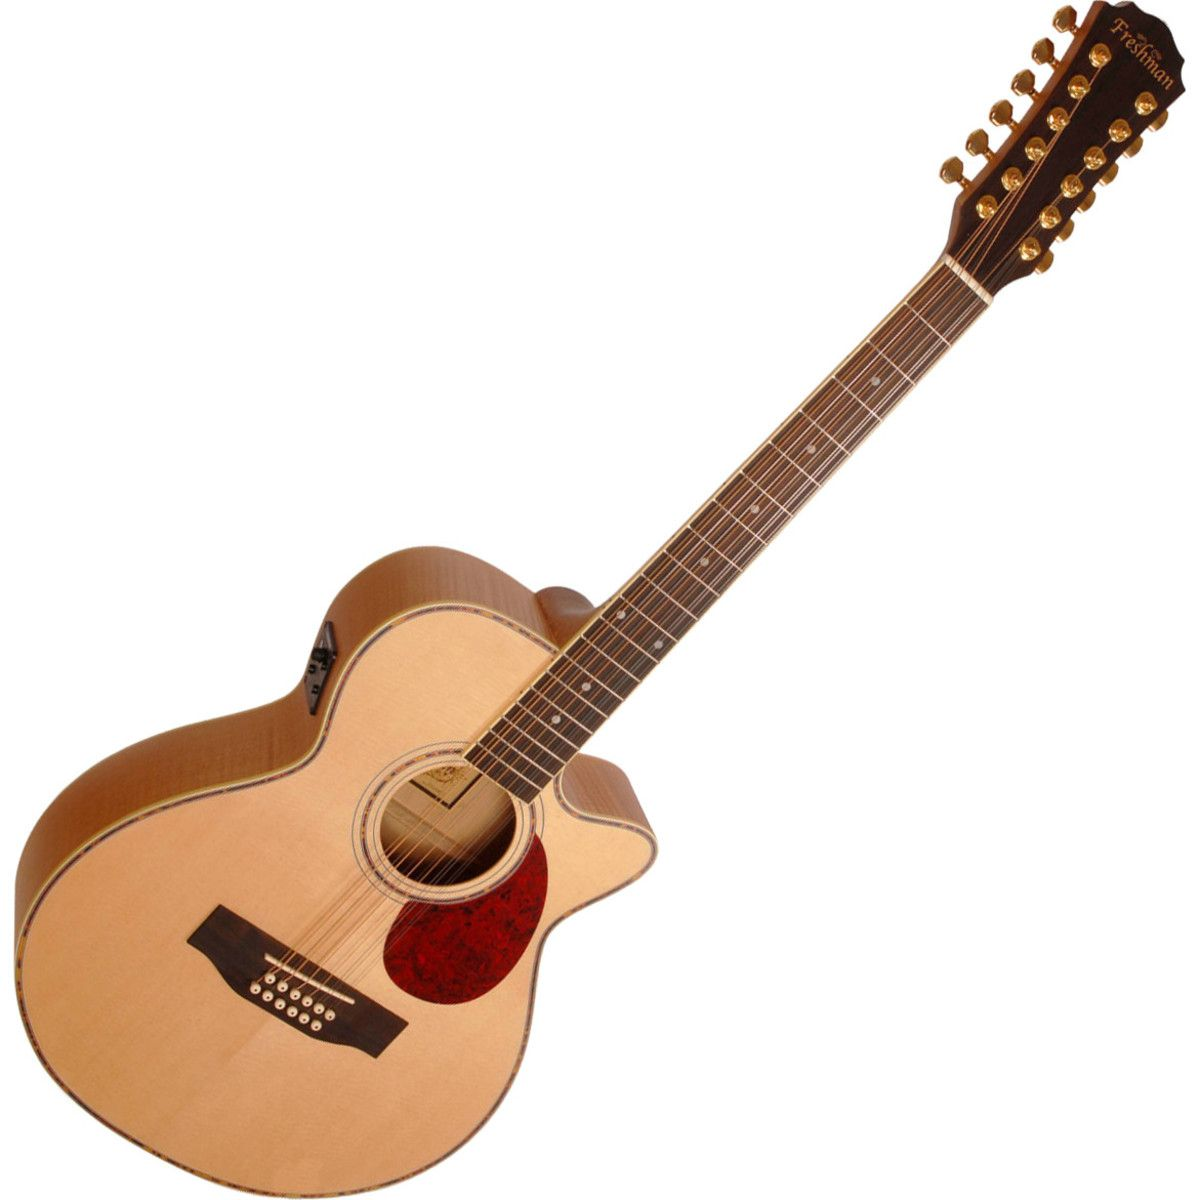 Pin on 12 string guitars